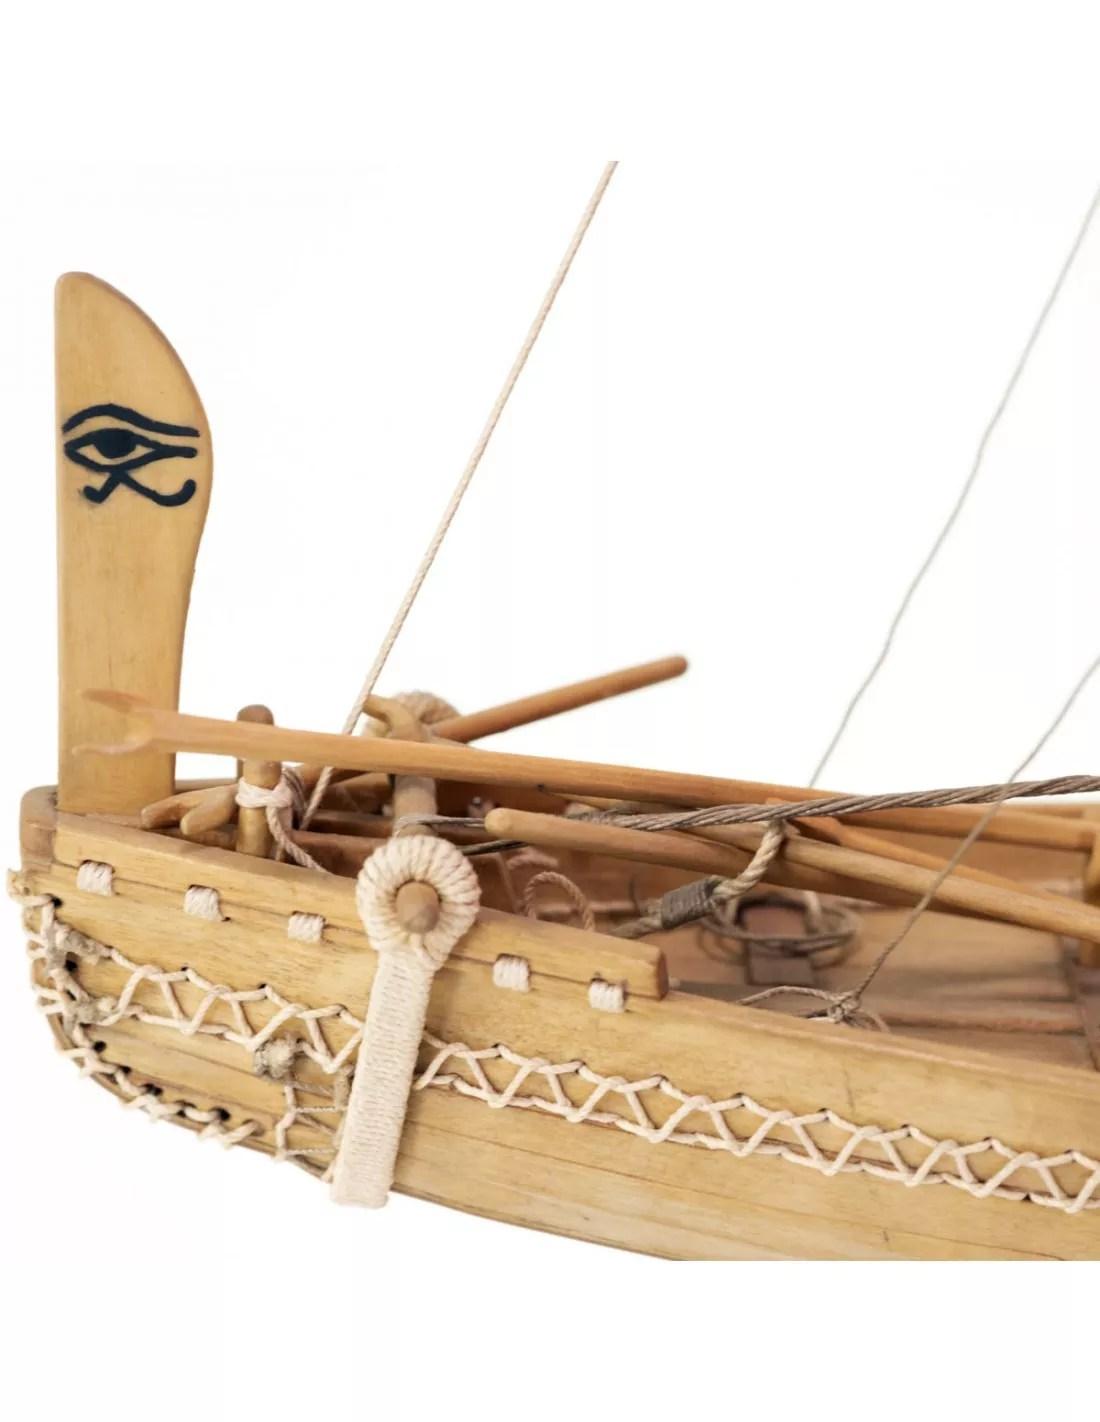 Egyiptomi hajó hajómakett építőkészlet Amati